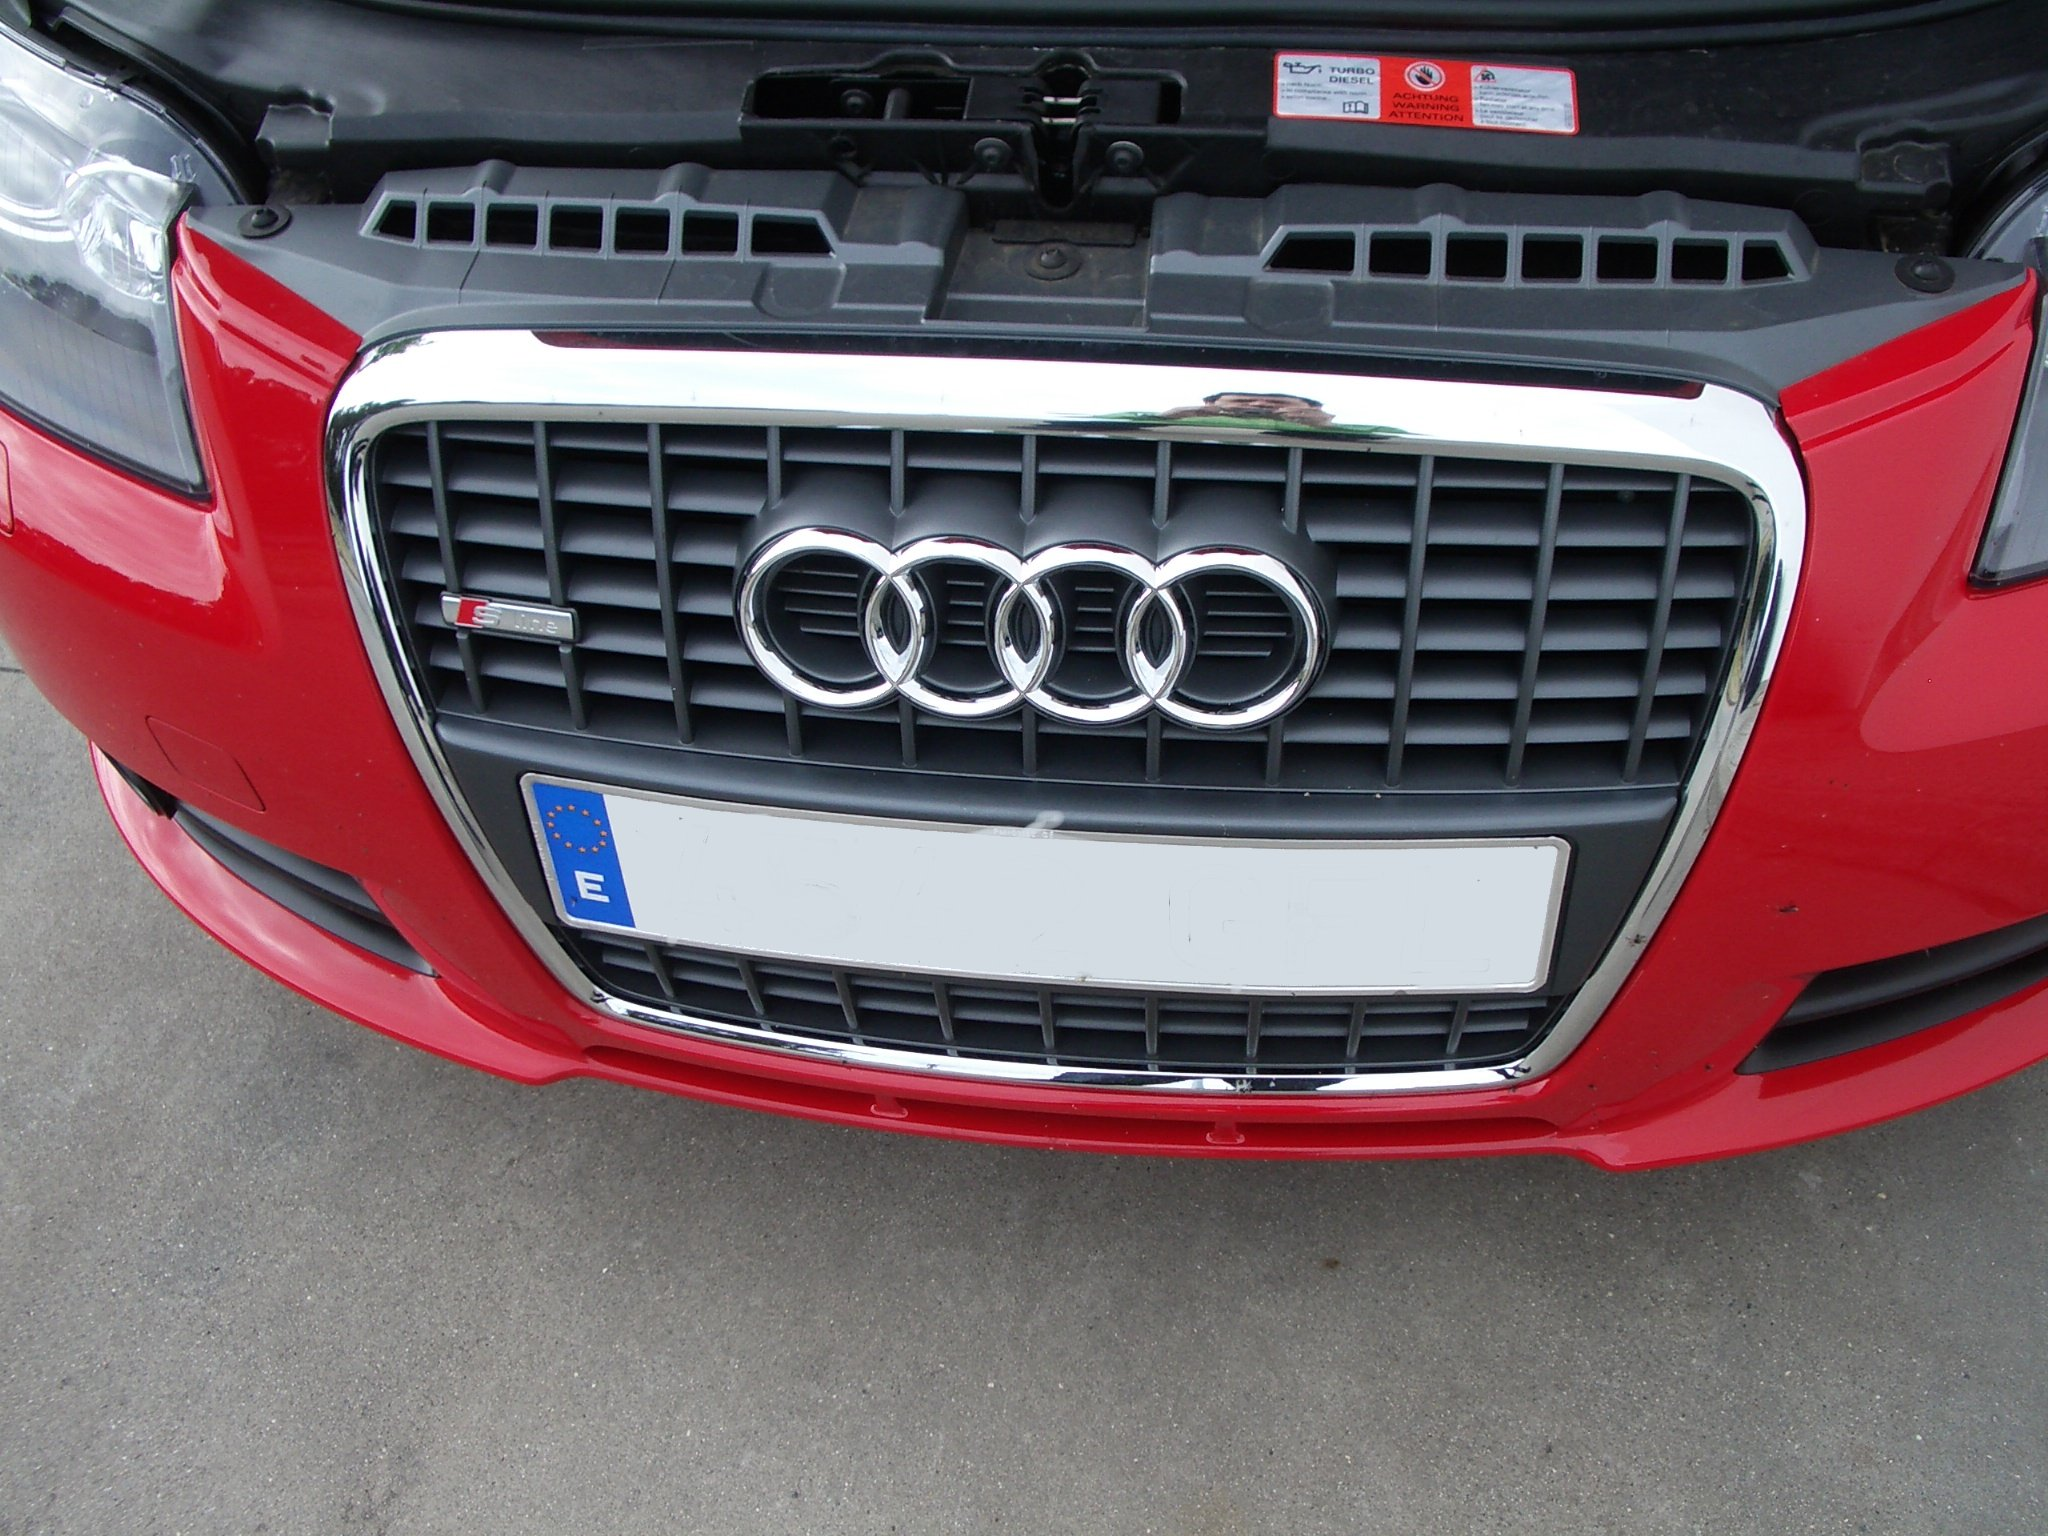 File:Audi a3 sline frontal.JPG - Wikimedia Commons: https://commons.wikimedia.org/wiki/File:Audi_a3_sline_frontal.JPG